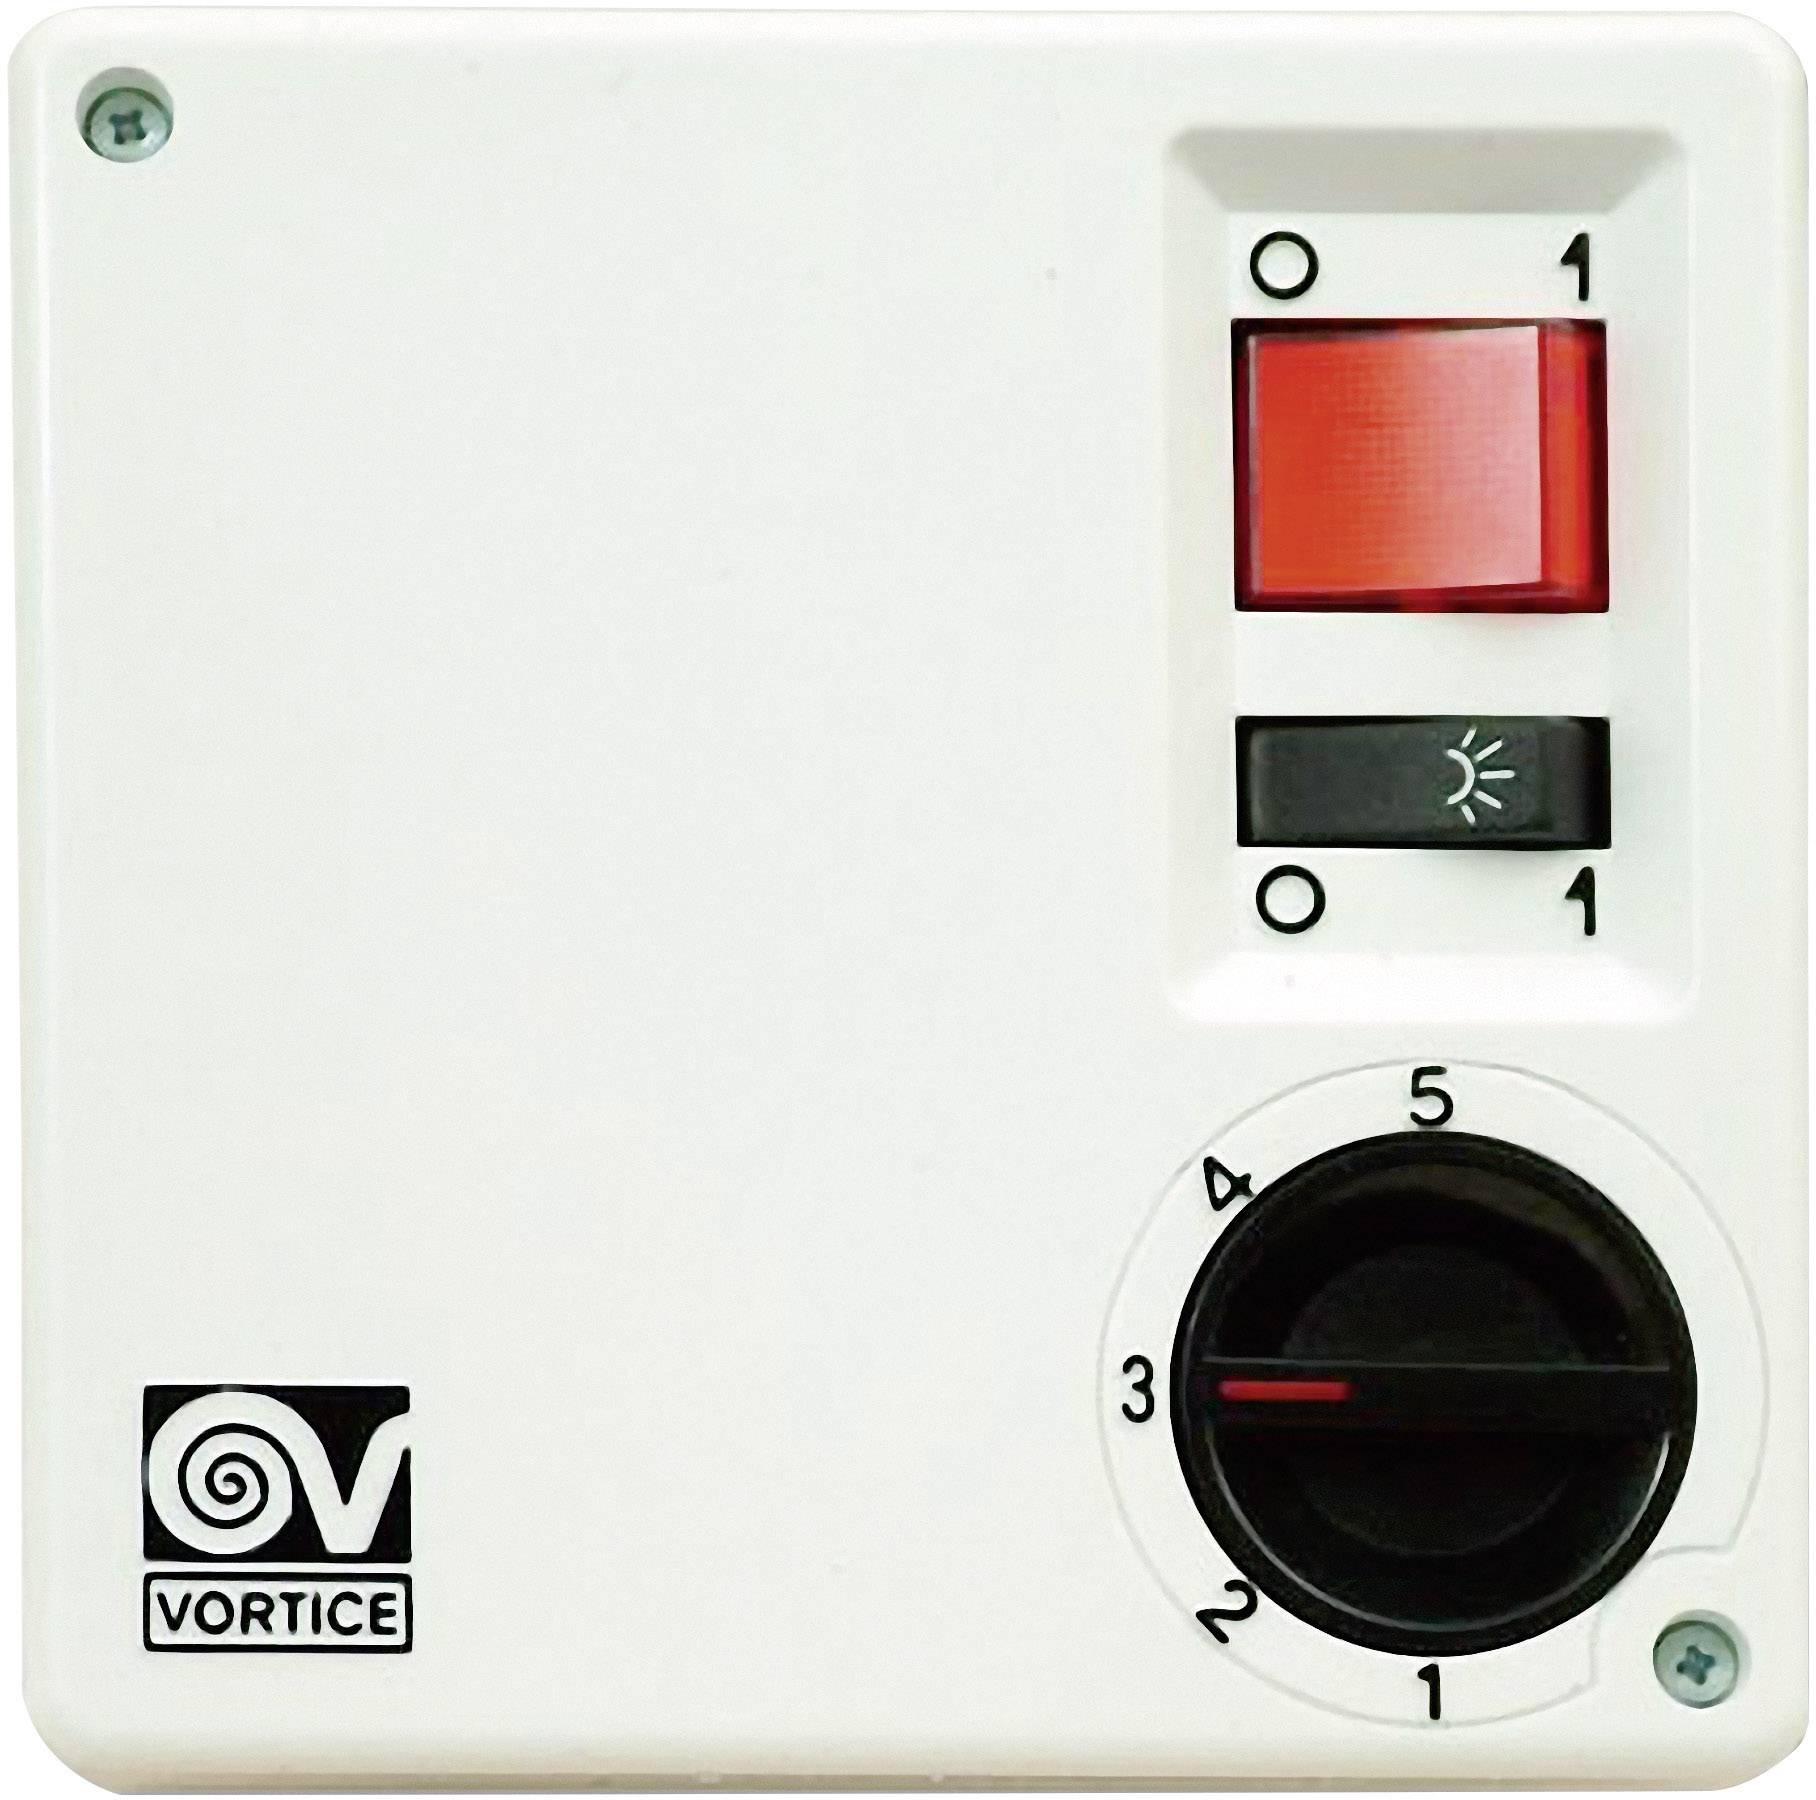 Schema Elettrico Regolatore Velocità Vortice : Alimentatore del ventilatore vortice bianco in vendita online